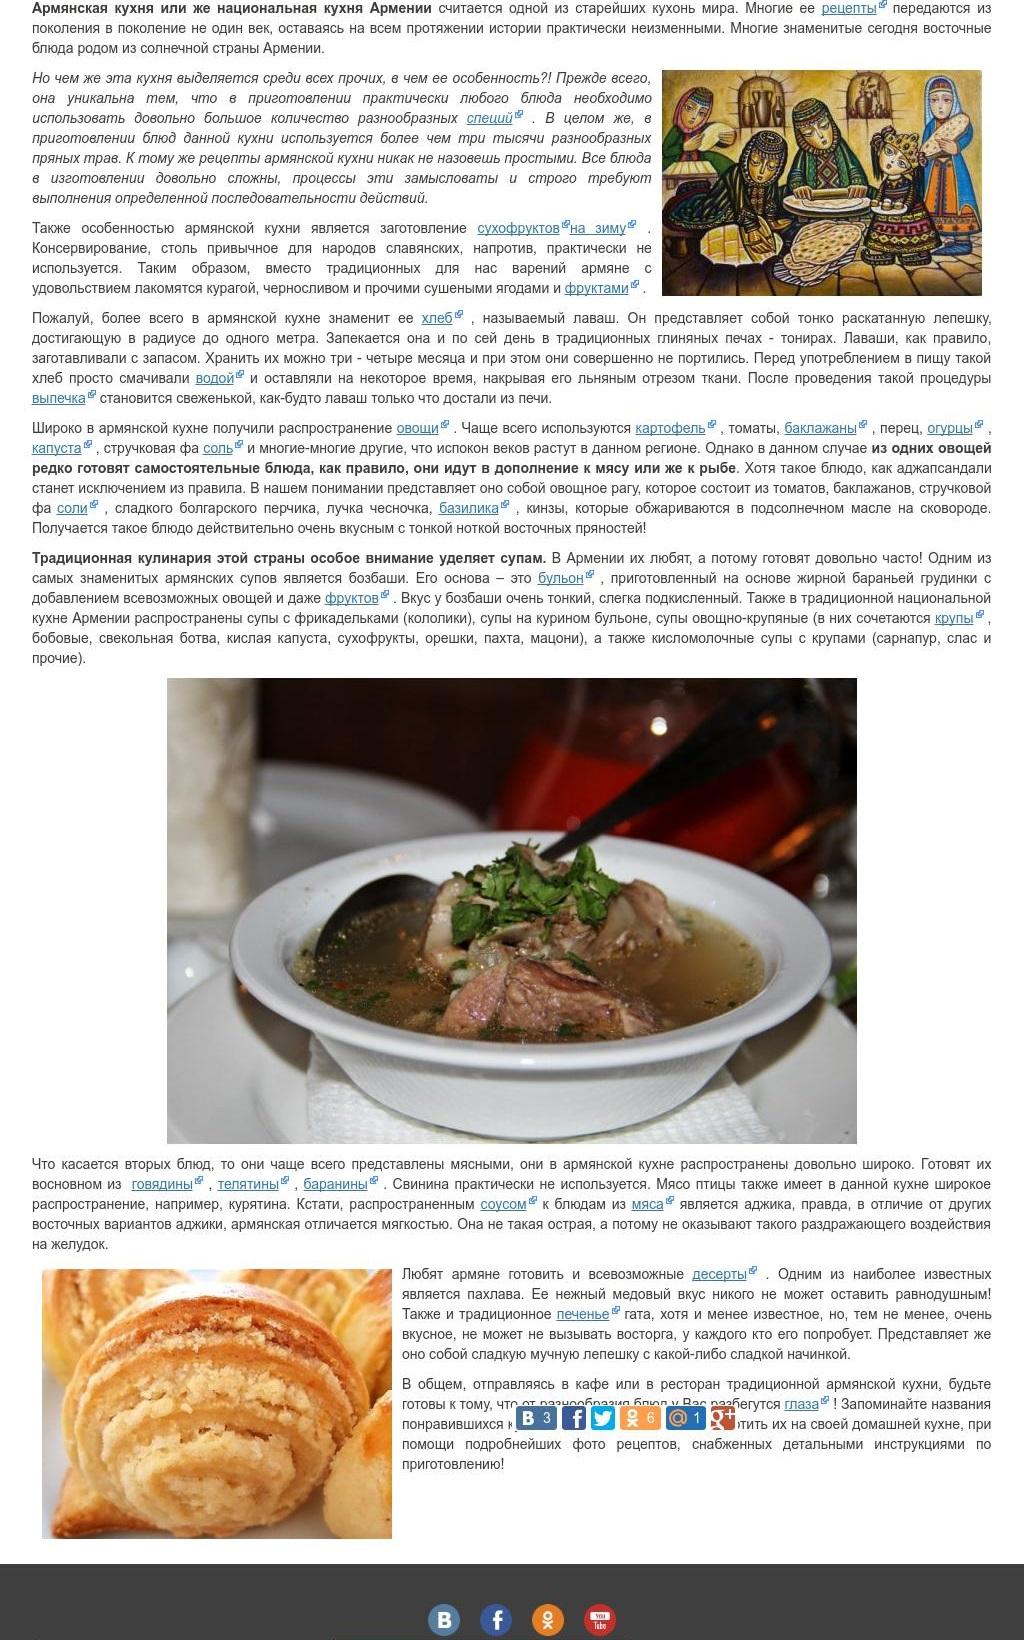 Национальные блюда армянской кухни рецепты